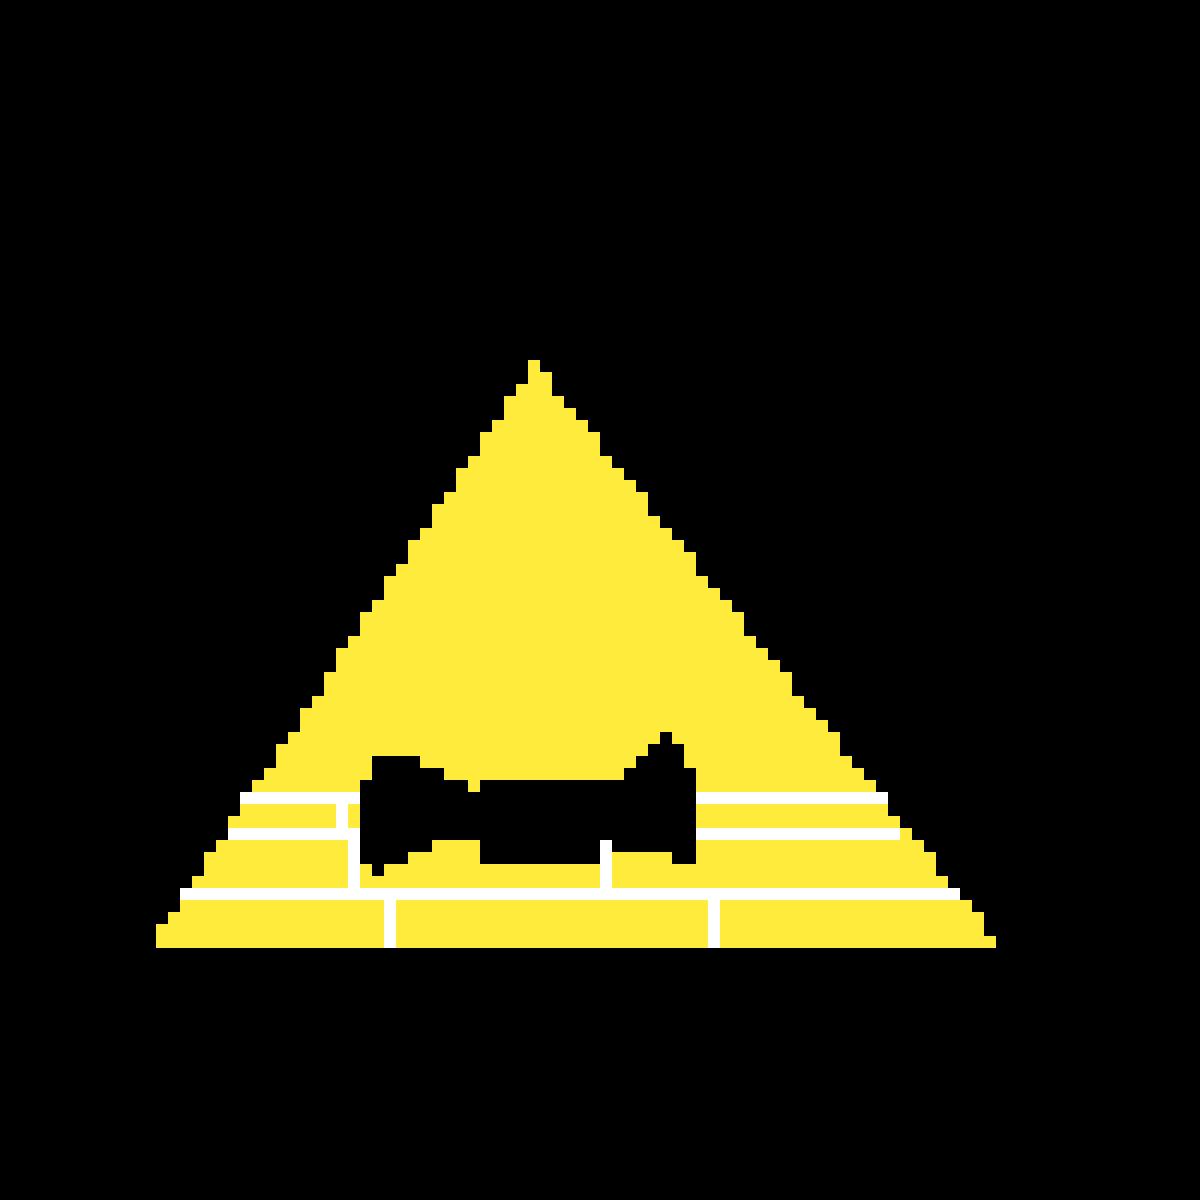 Editing Bill Cipher Base Free Online Pixel Art Drawing Tool Pixilart